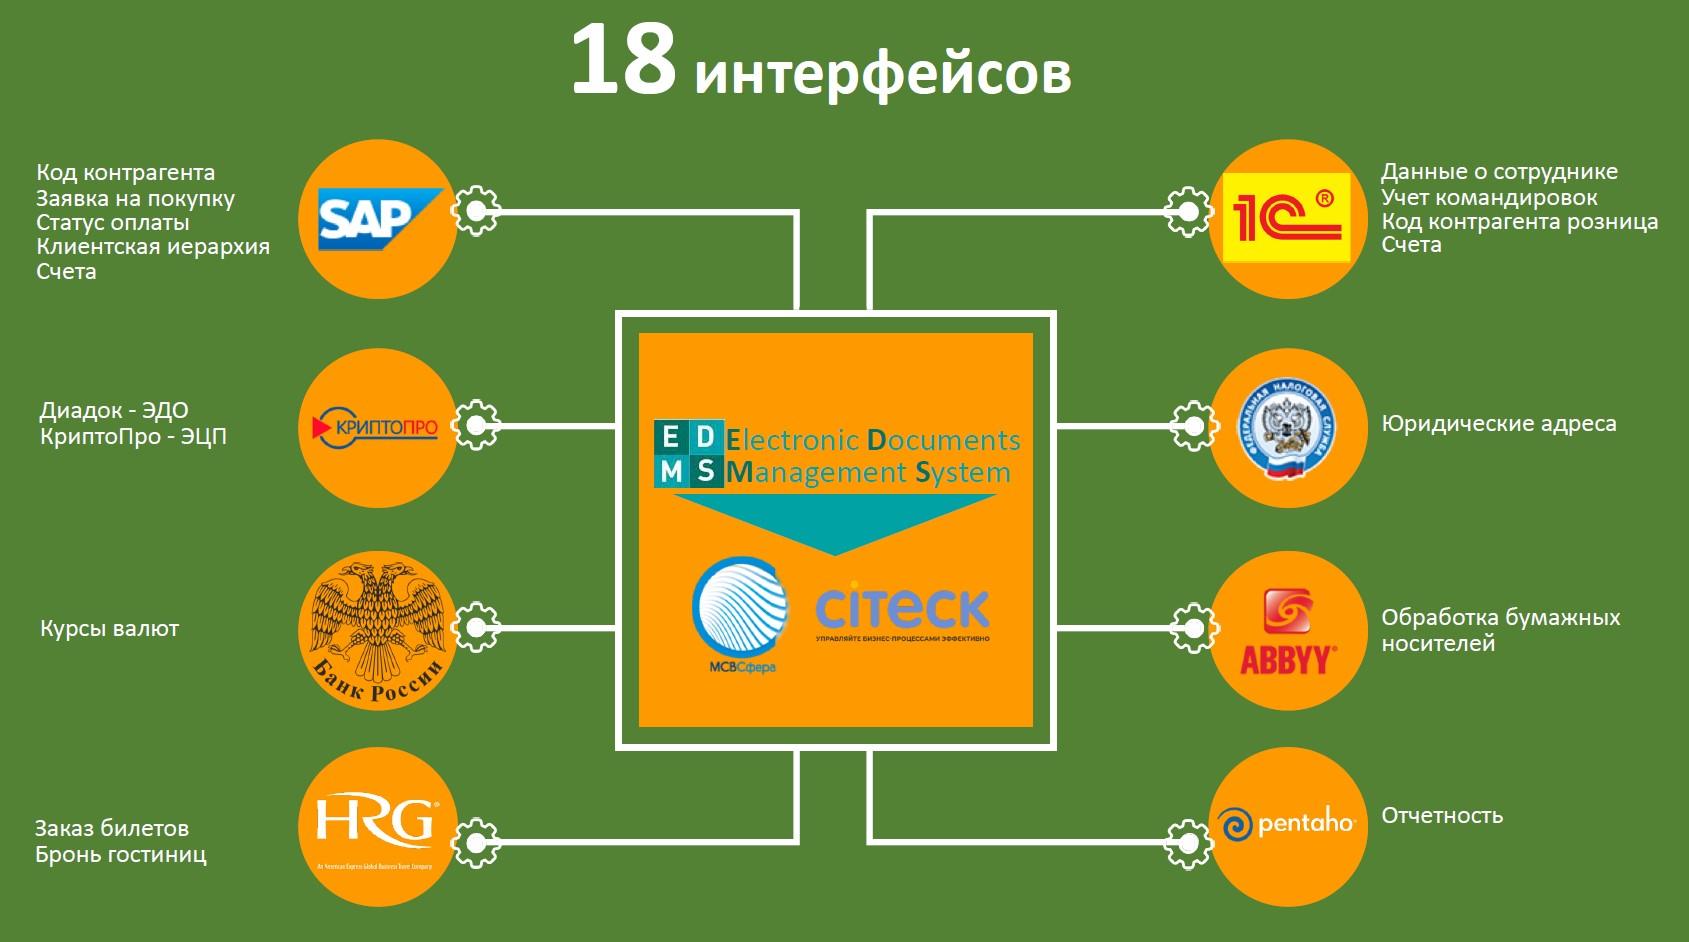 Единая платформа Citeck ECOS в Unilever